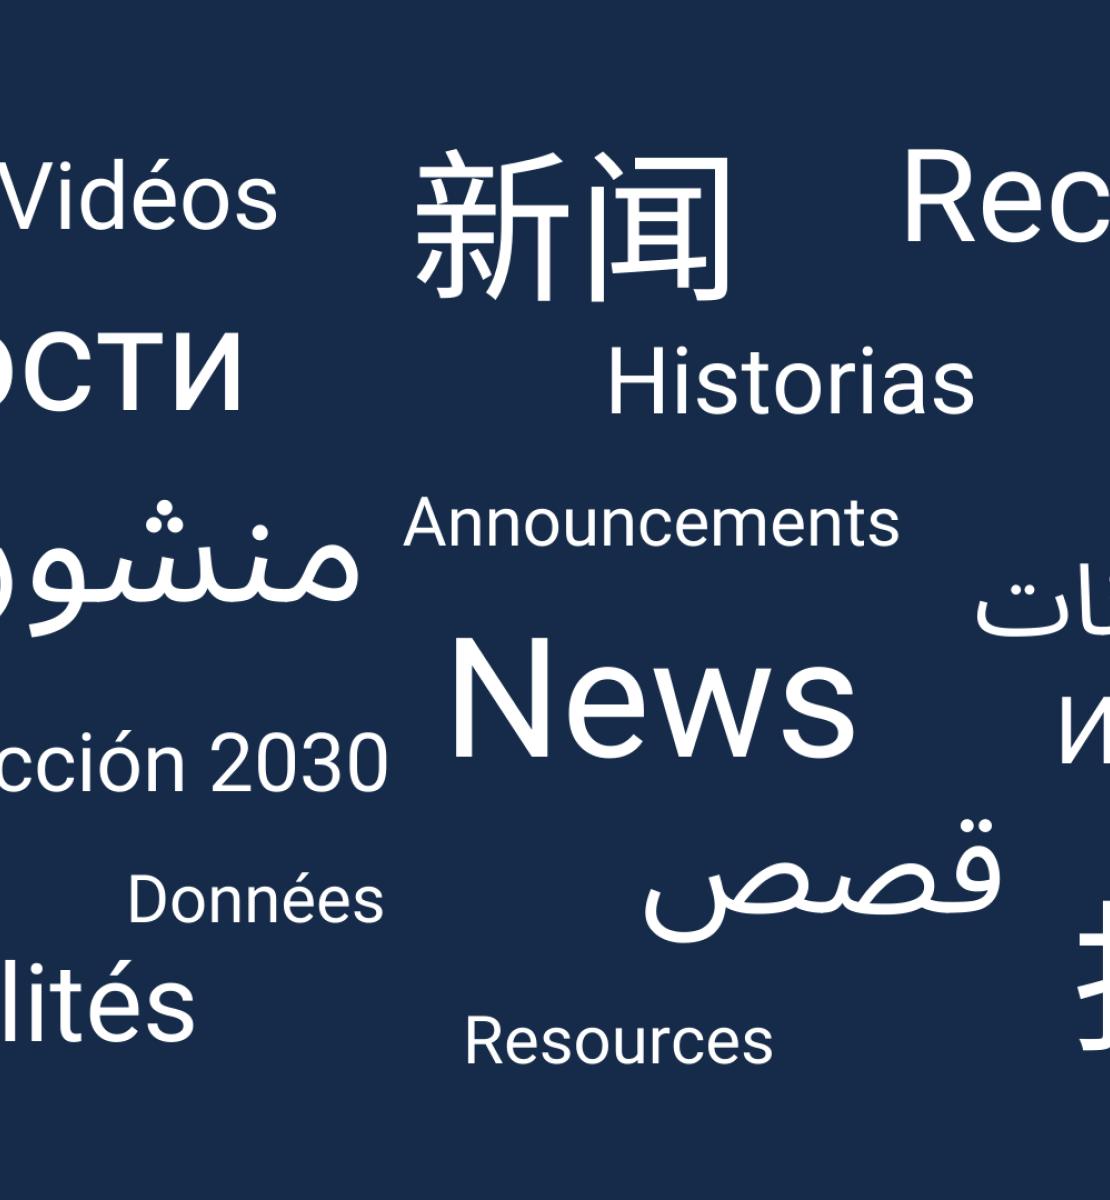 خلفية زرقاء داكنة مع نص أبيض معروض باللغات الإنجليزية والعربية والصينية والفرنسية والإسبانية والروسية.